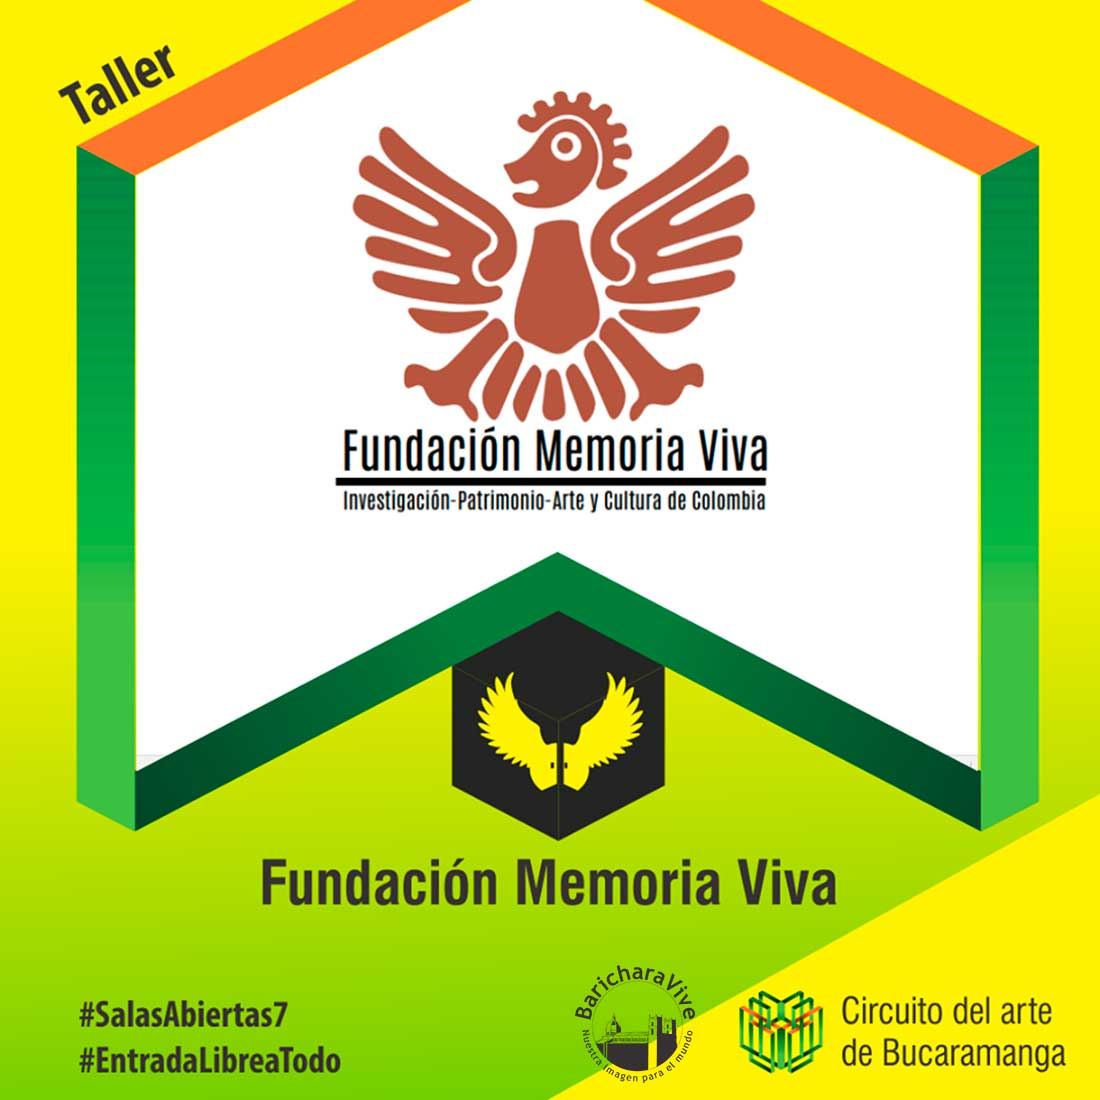 fundacion-memoria-viva-7a-edicion-el-centro-con-las-salas-abiertas-bucaramanga-2017